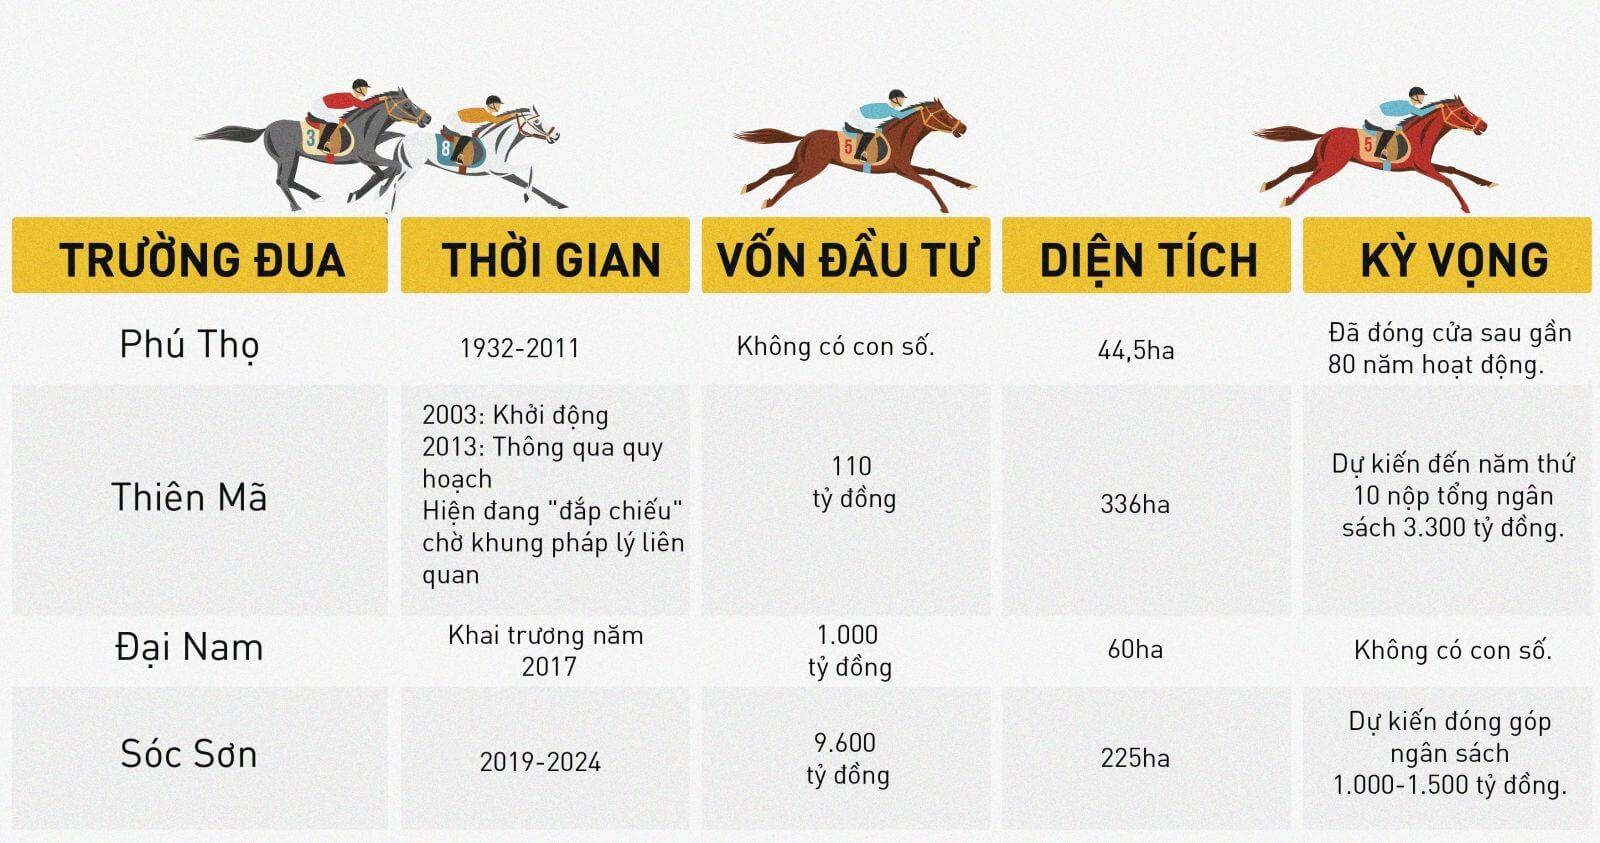 Một vài con số về trường đua Sóc Sơn và các trường đua khác.